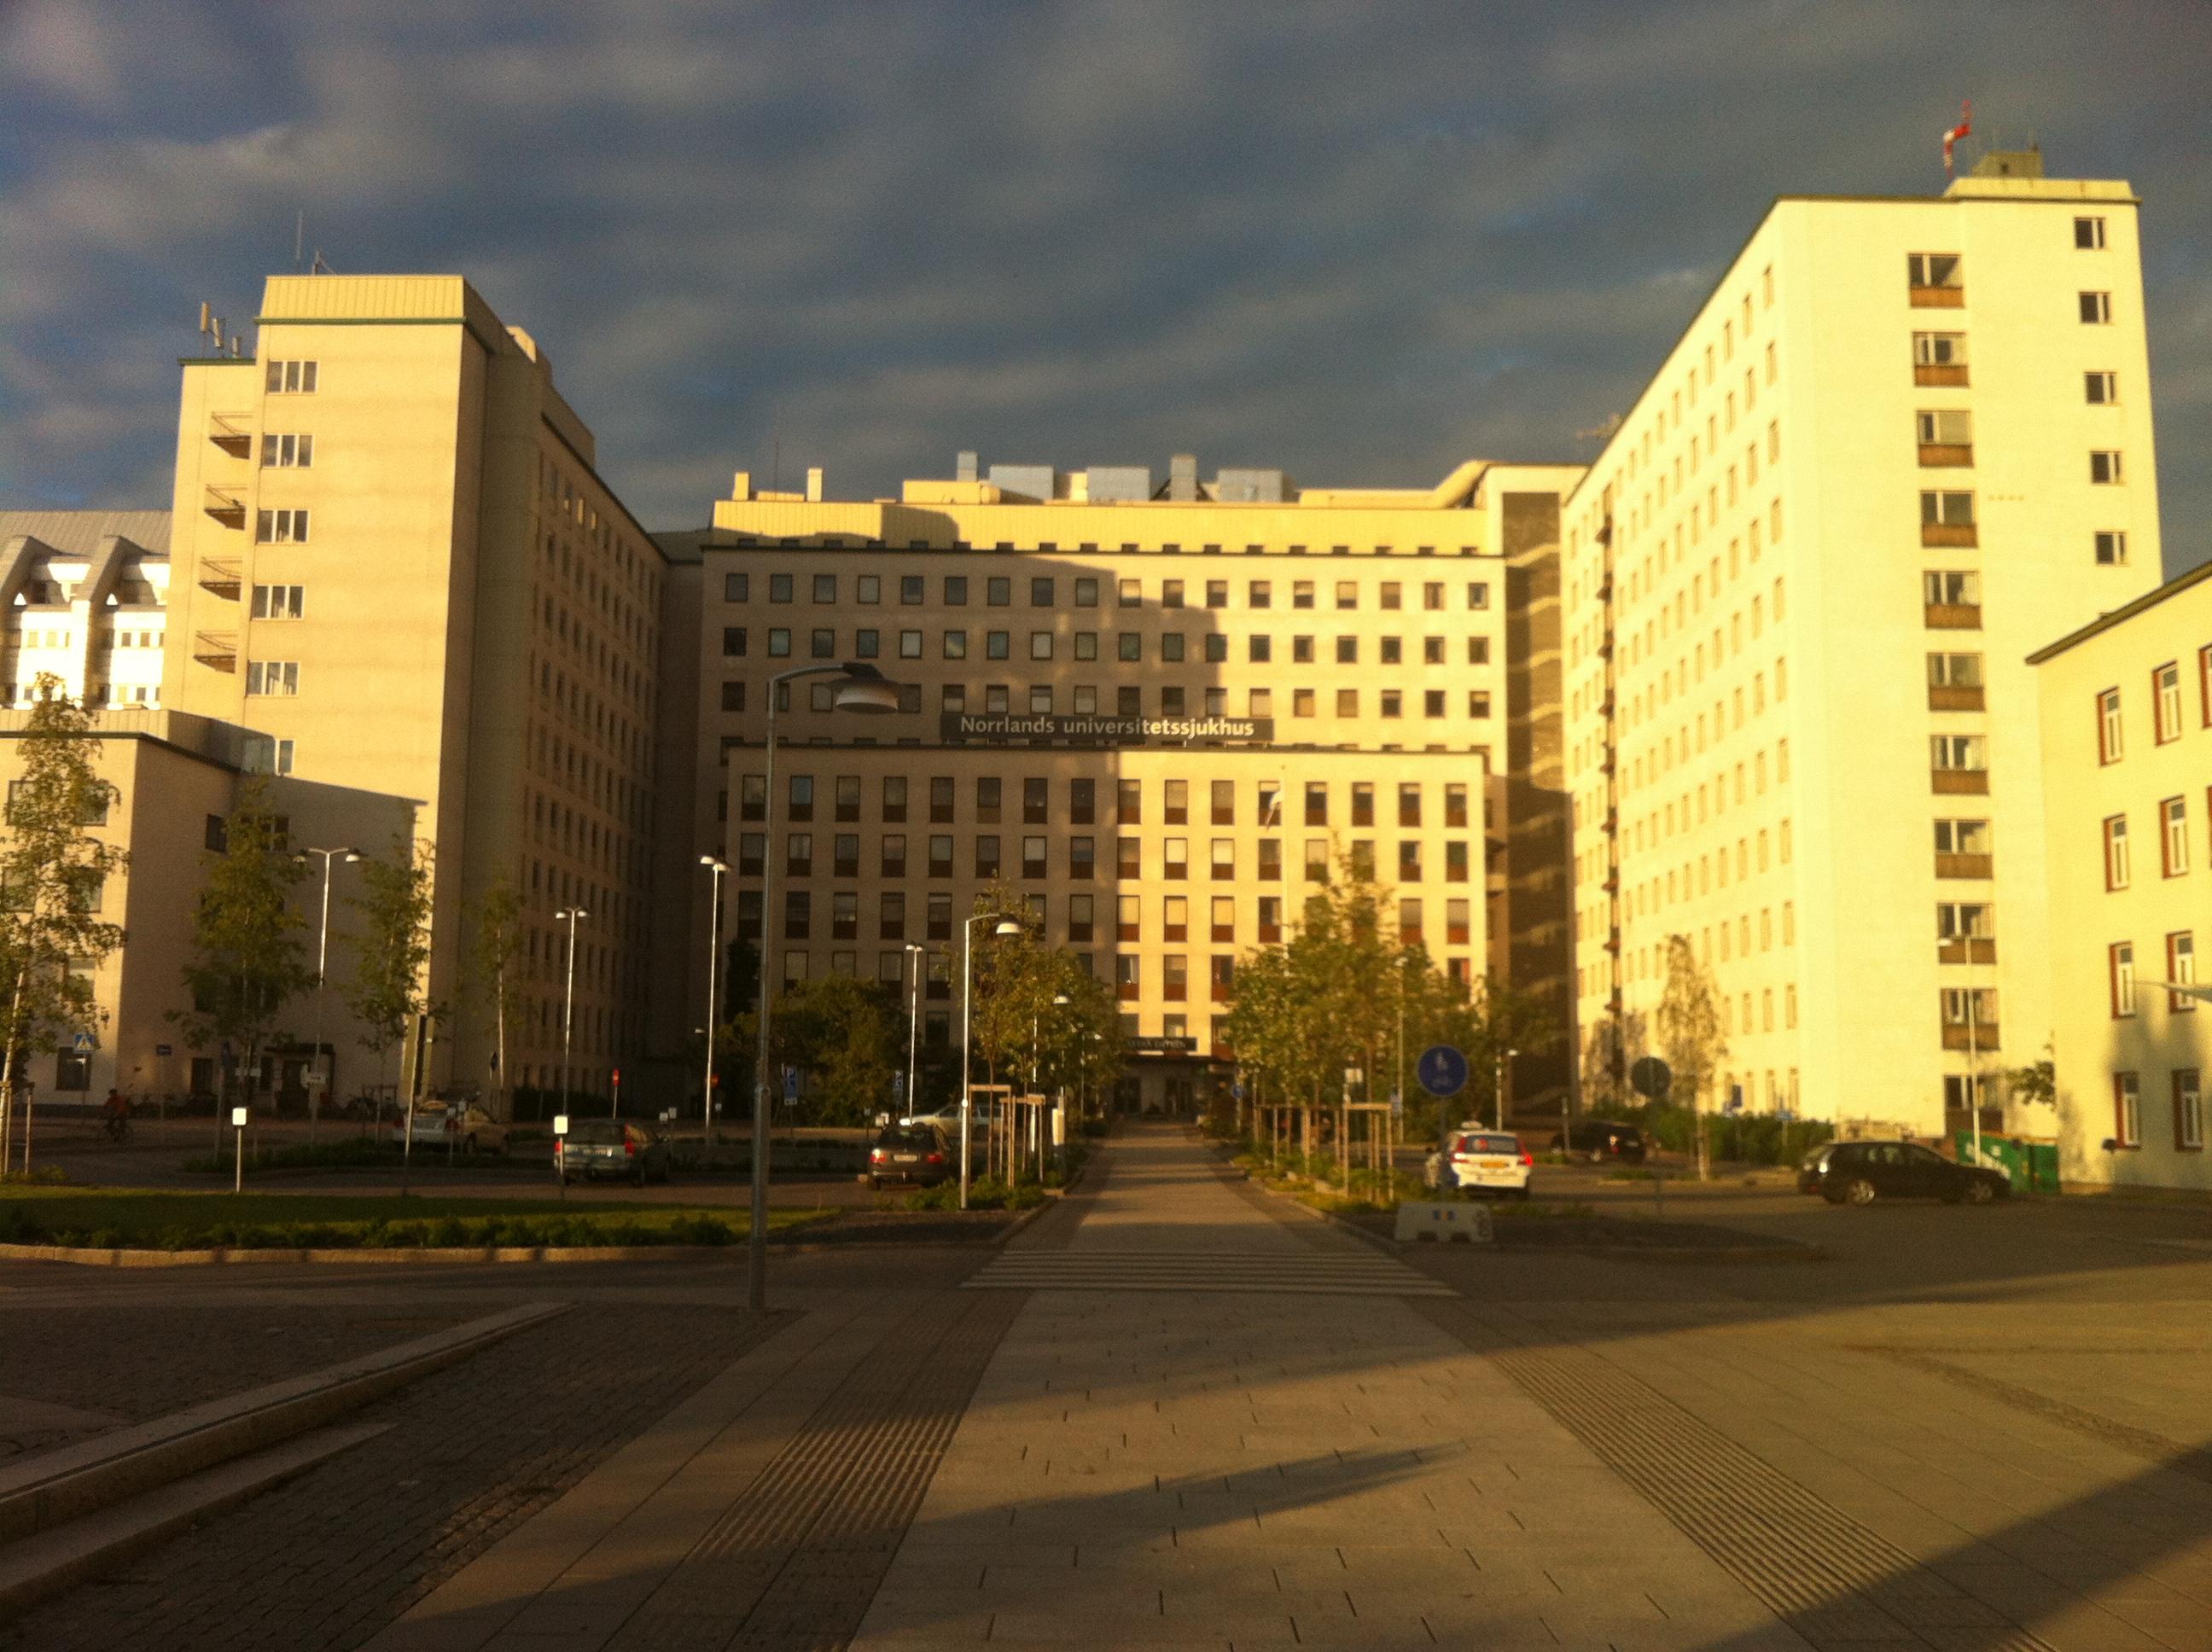 Norrlands universitetssjukhus bäst i Sverige